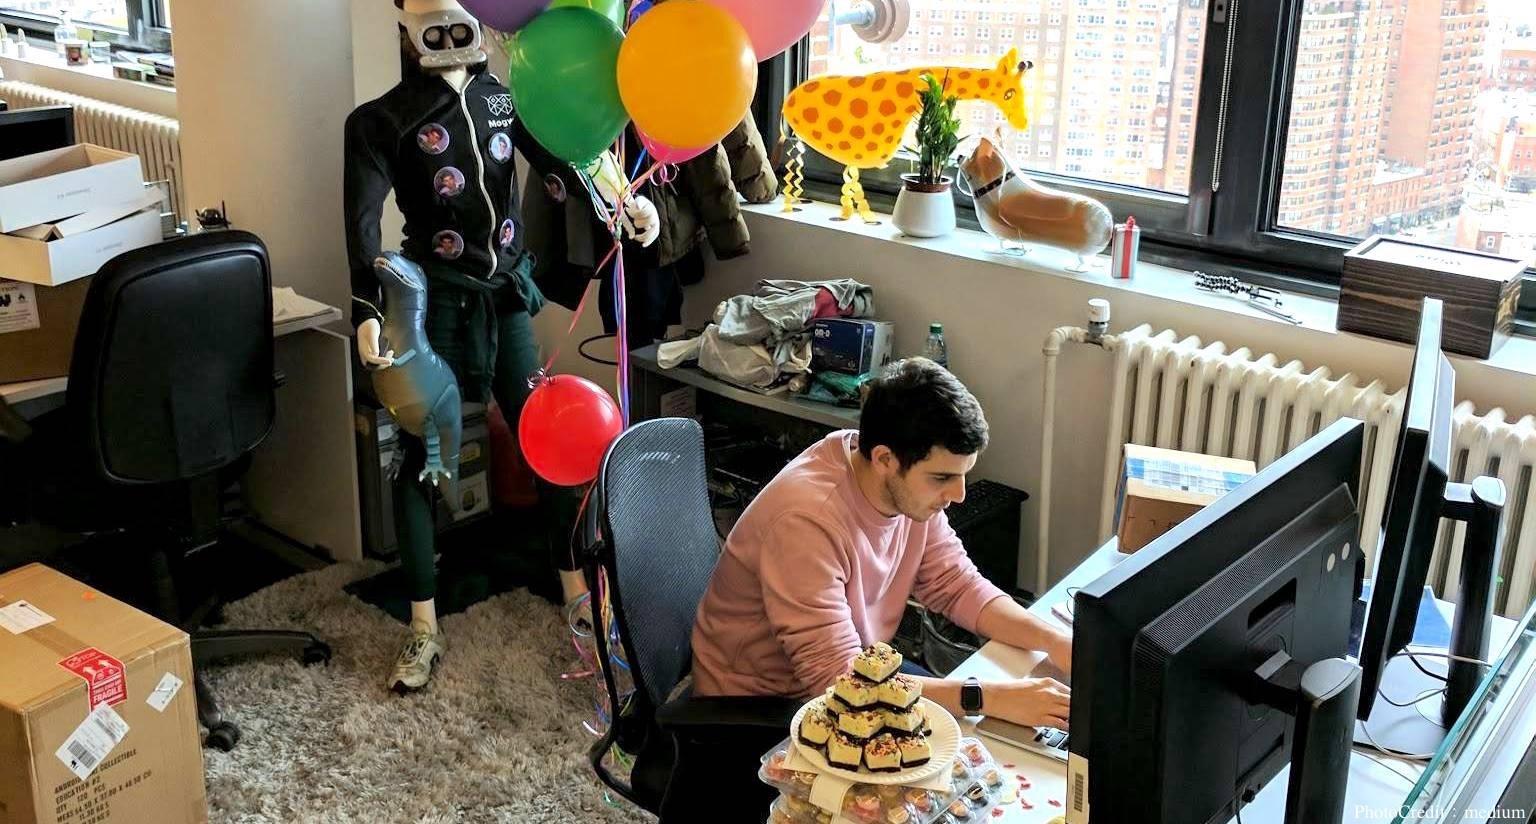 辦公室有尿布?拖掉鞋子開會?爭取「爛想法」獎盃?Google辦公室的工作方式,是否適用在台灣?